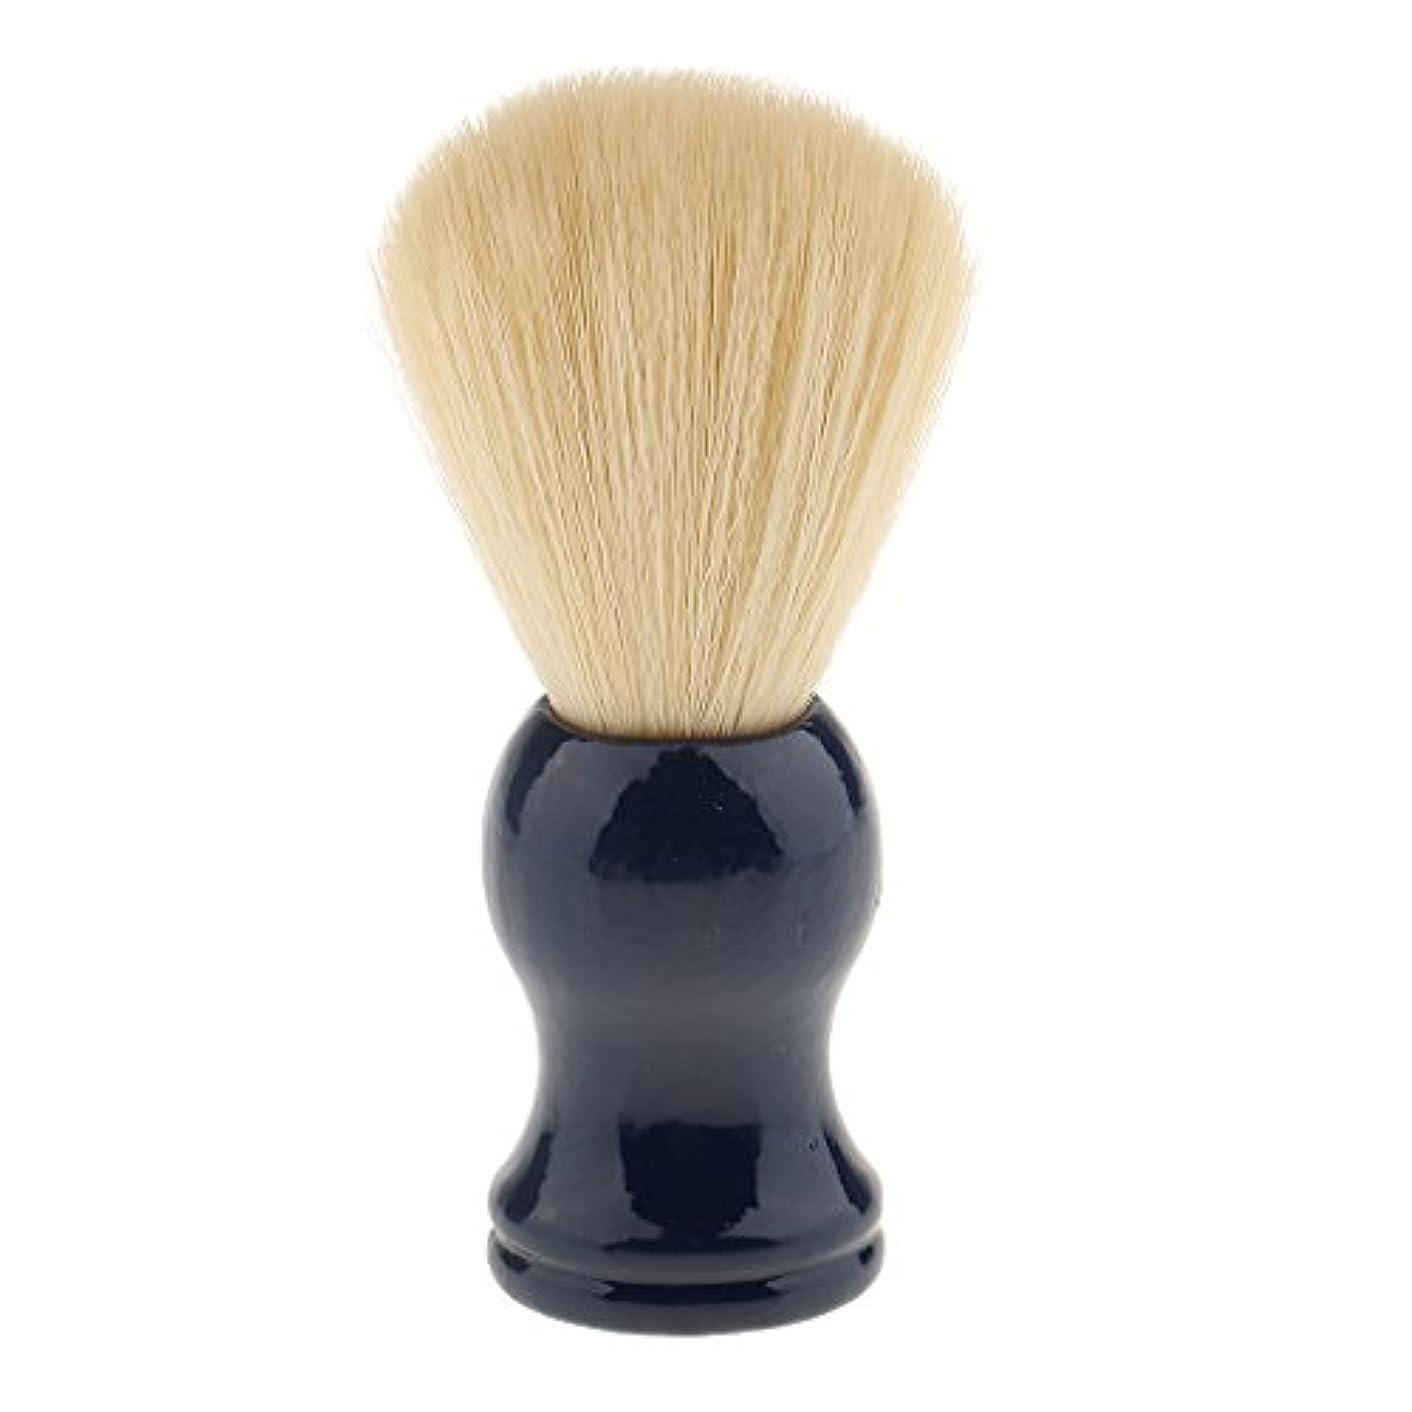 南西反逆者硬化するBaoblaze ナイロン ひげブラシ シェービング ブラシ 髭 泡立て 散髪整理  理髪用 サロン 快適 美容院